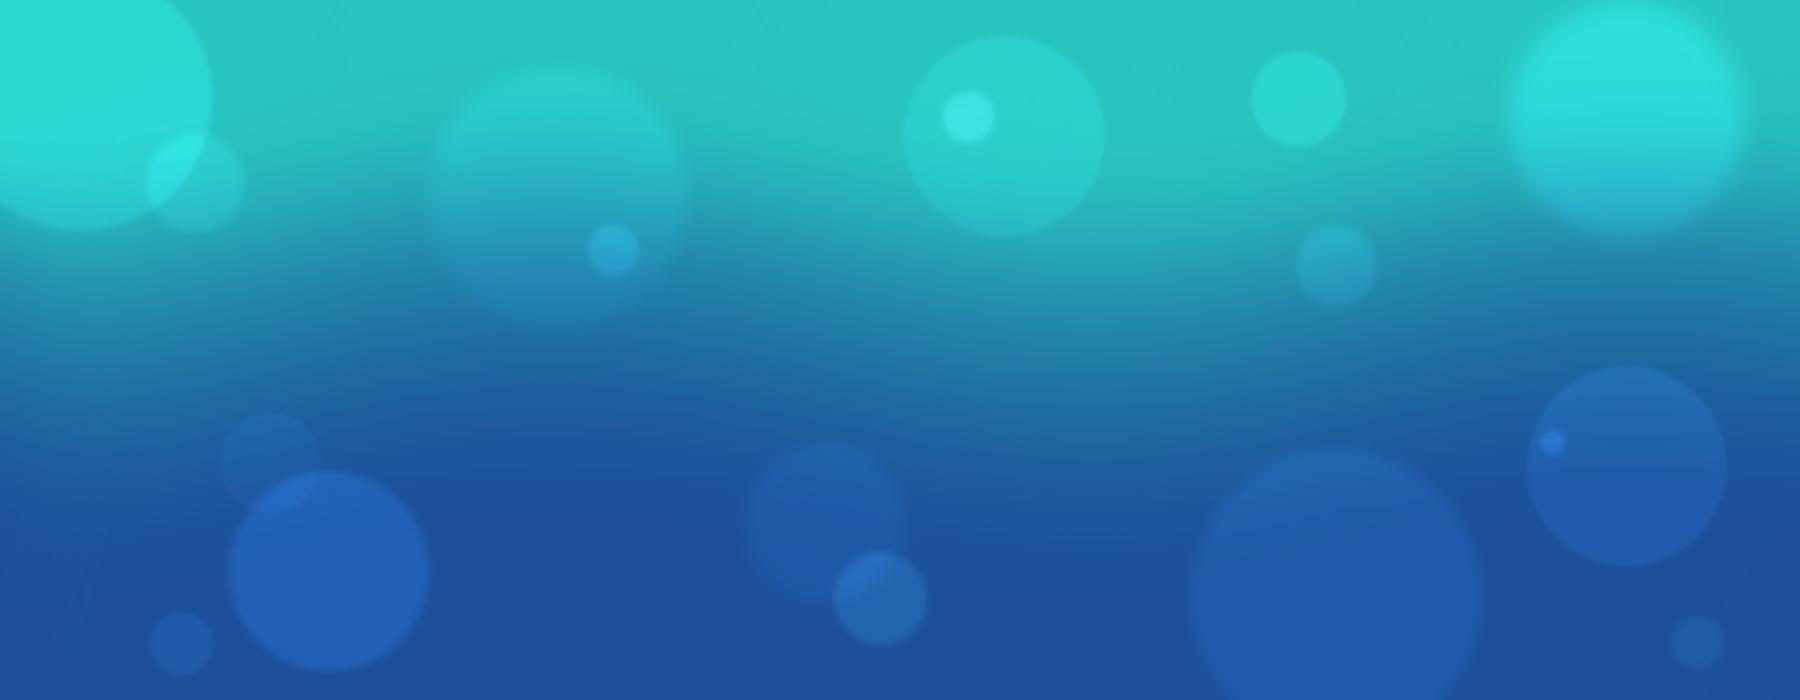 création sites web saint-quentin en yvelines 78180